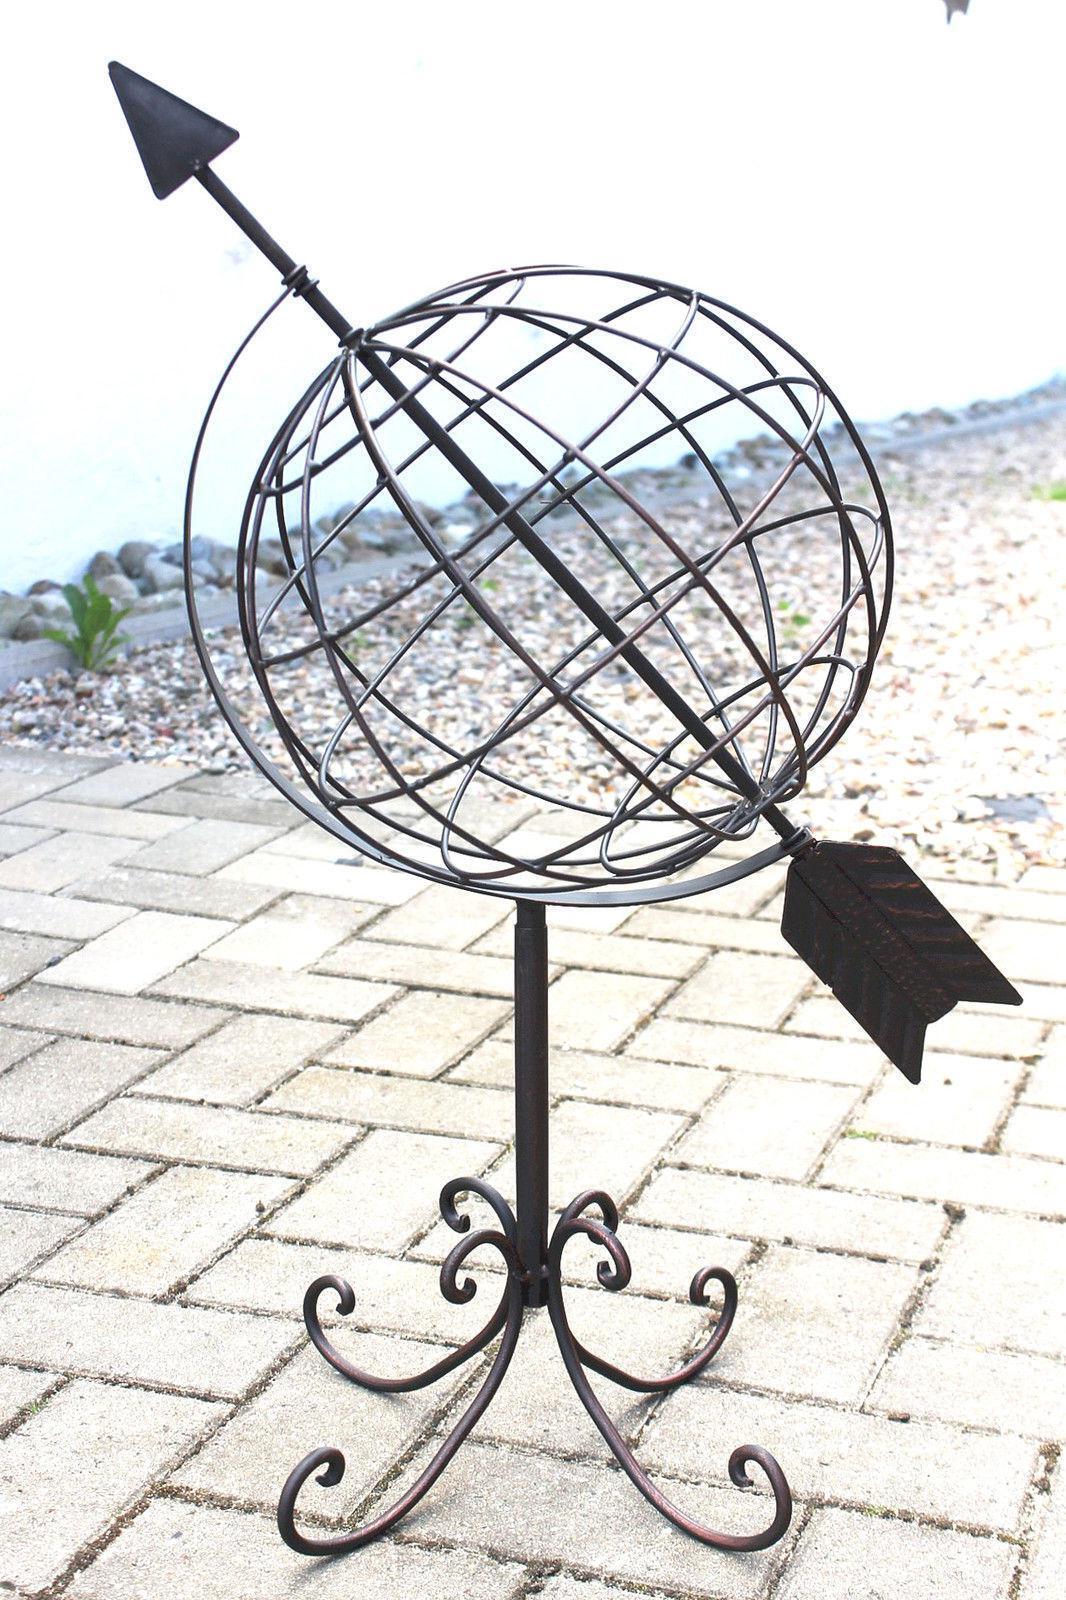 Globus aus Metall 101806 Sonnenuhr aus Schmiedeeisen 72 cm Gartenuhr Gartenuhr Gartenuhr Gartendeko   Spielzeugwelt, glücklich und grenzenlos    Erschwinglich    Auktion  b65cb2